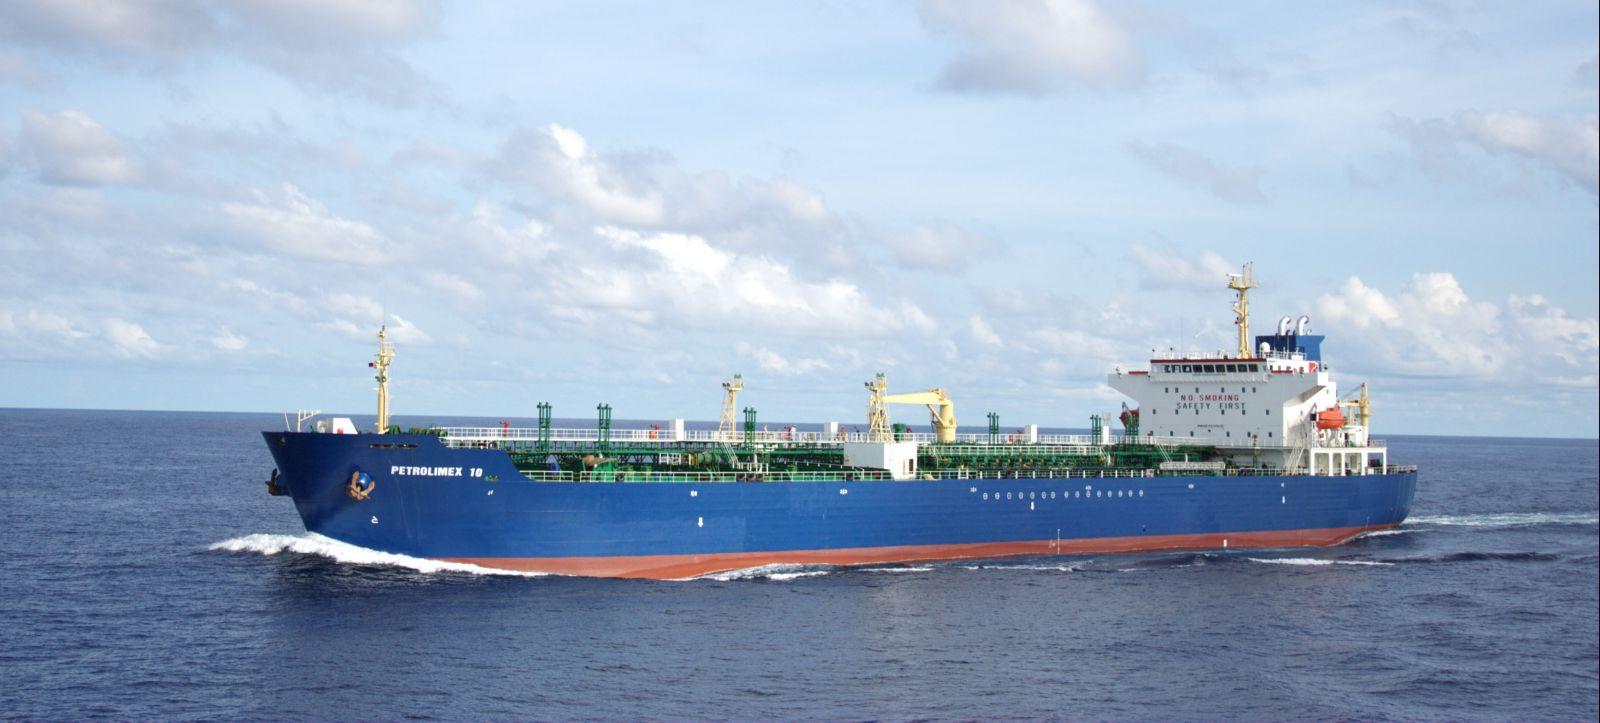 Vận tải Xăng dầu Vipco đặt mục tiêu lãi sau thuế giảm 51%